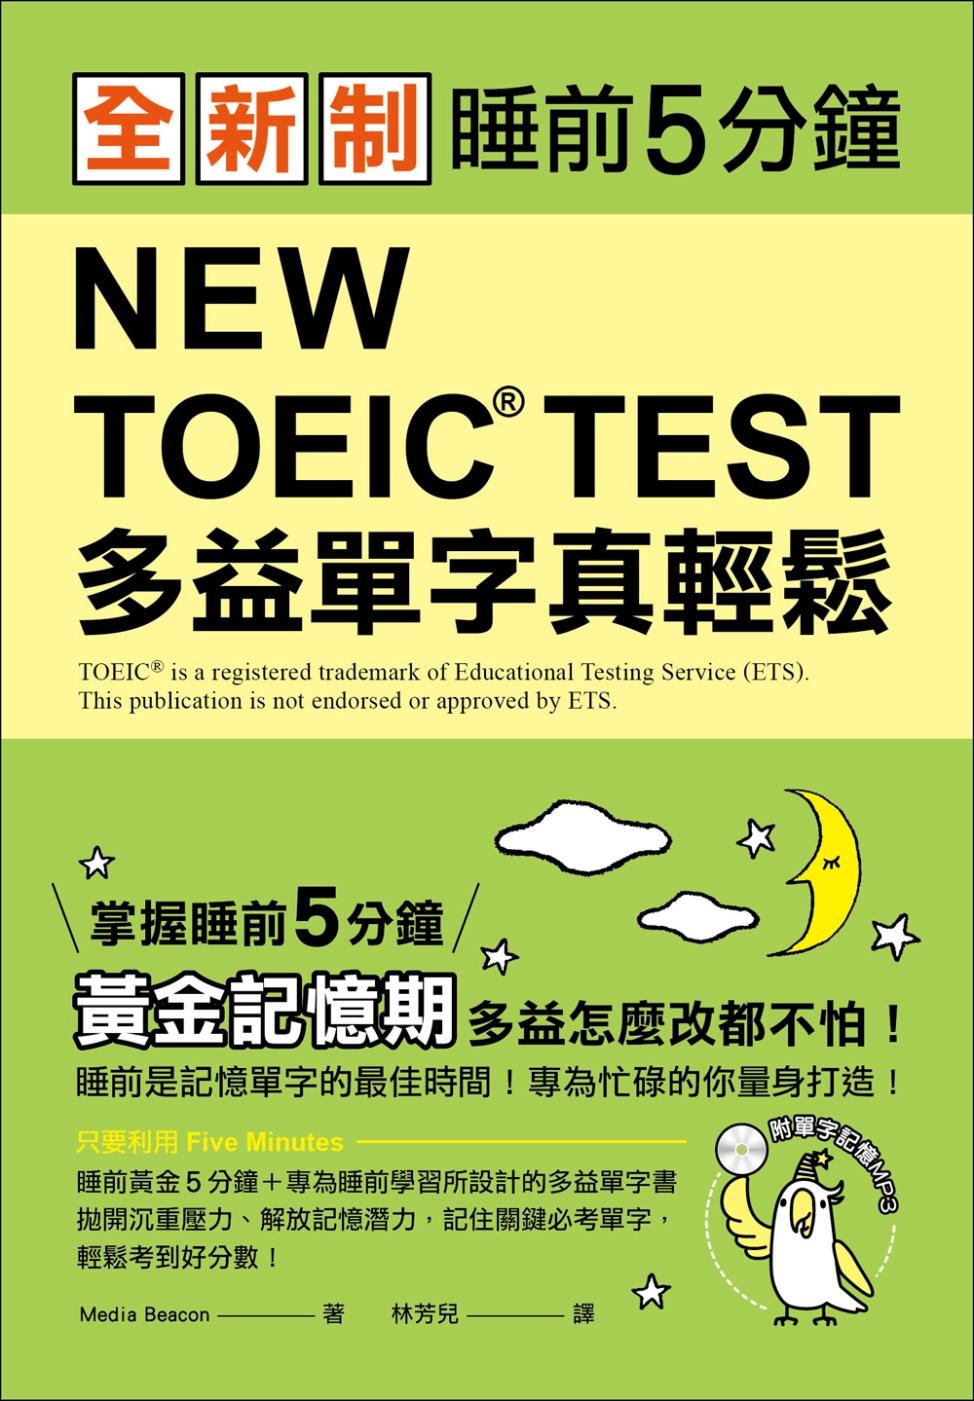 全新制 NEW TOEIC TEST 多益單字真輕鬆:睡前5分鐘,掌握黃金記憶期,多益怎麼改都不怕!(附單字記憶 MP3)